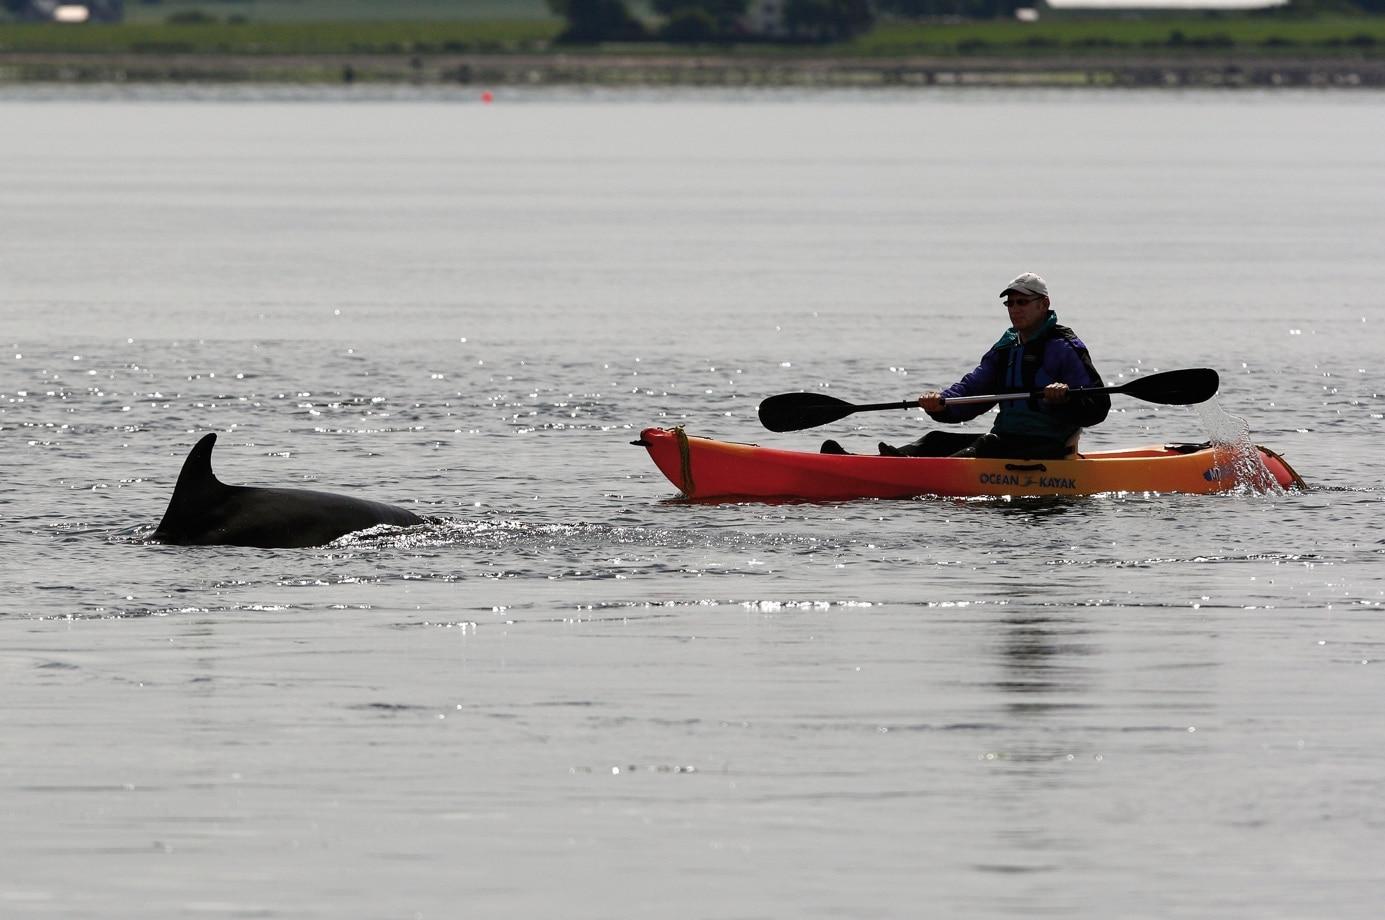 Der Verhaltenskodex für die Beobachtung von Walen und Delfinen in Deutschland sieht vor allem vor: Abstand halten! (C) Charlie Philips, WDC